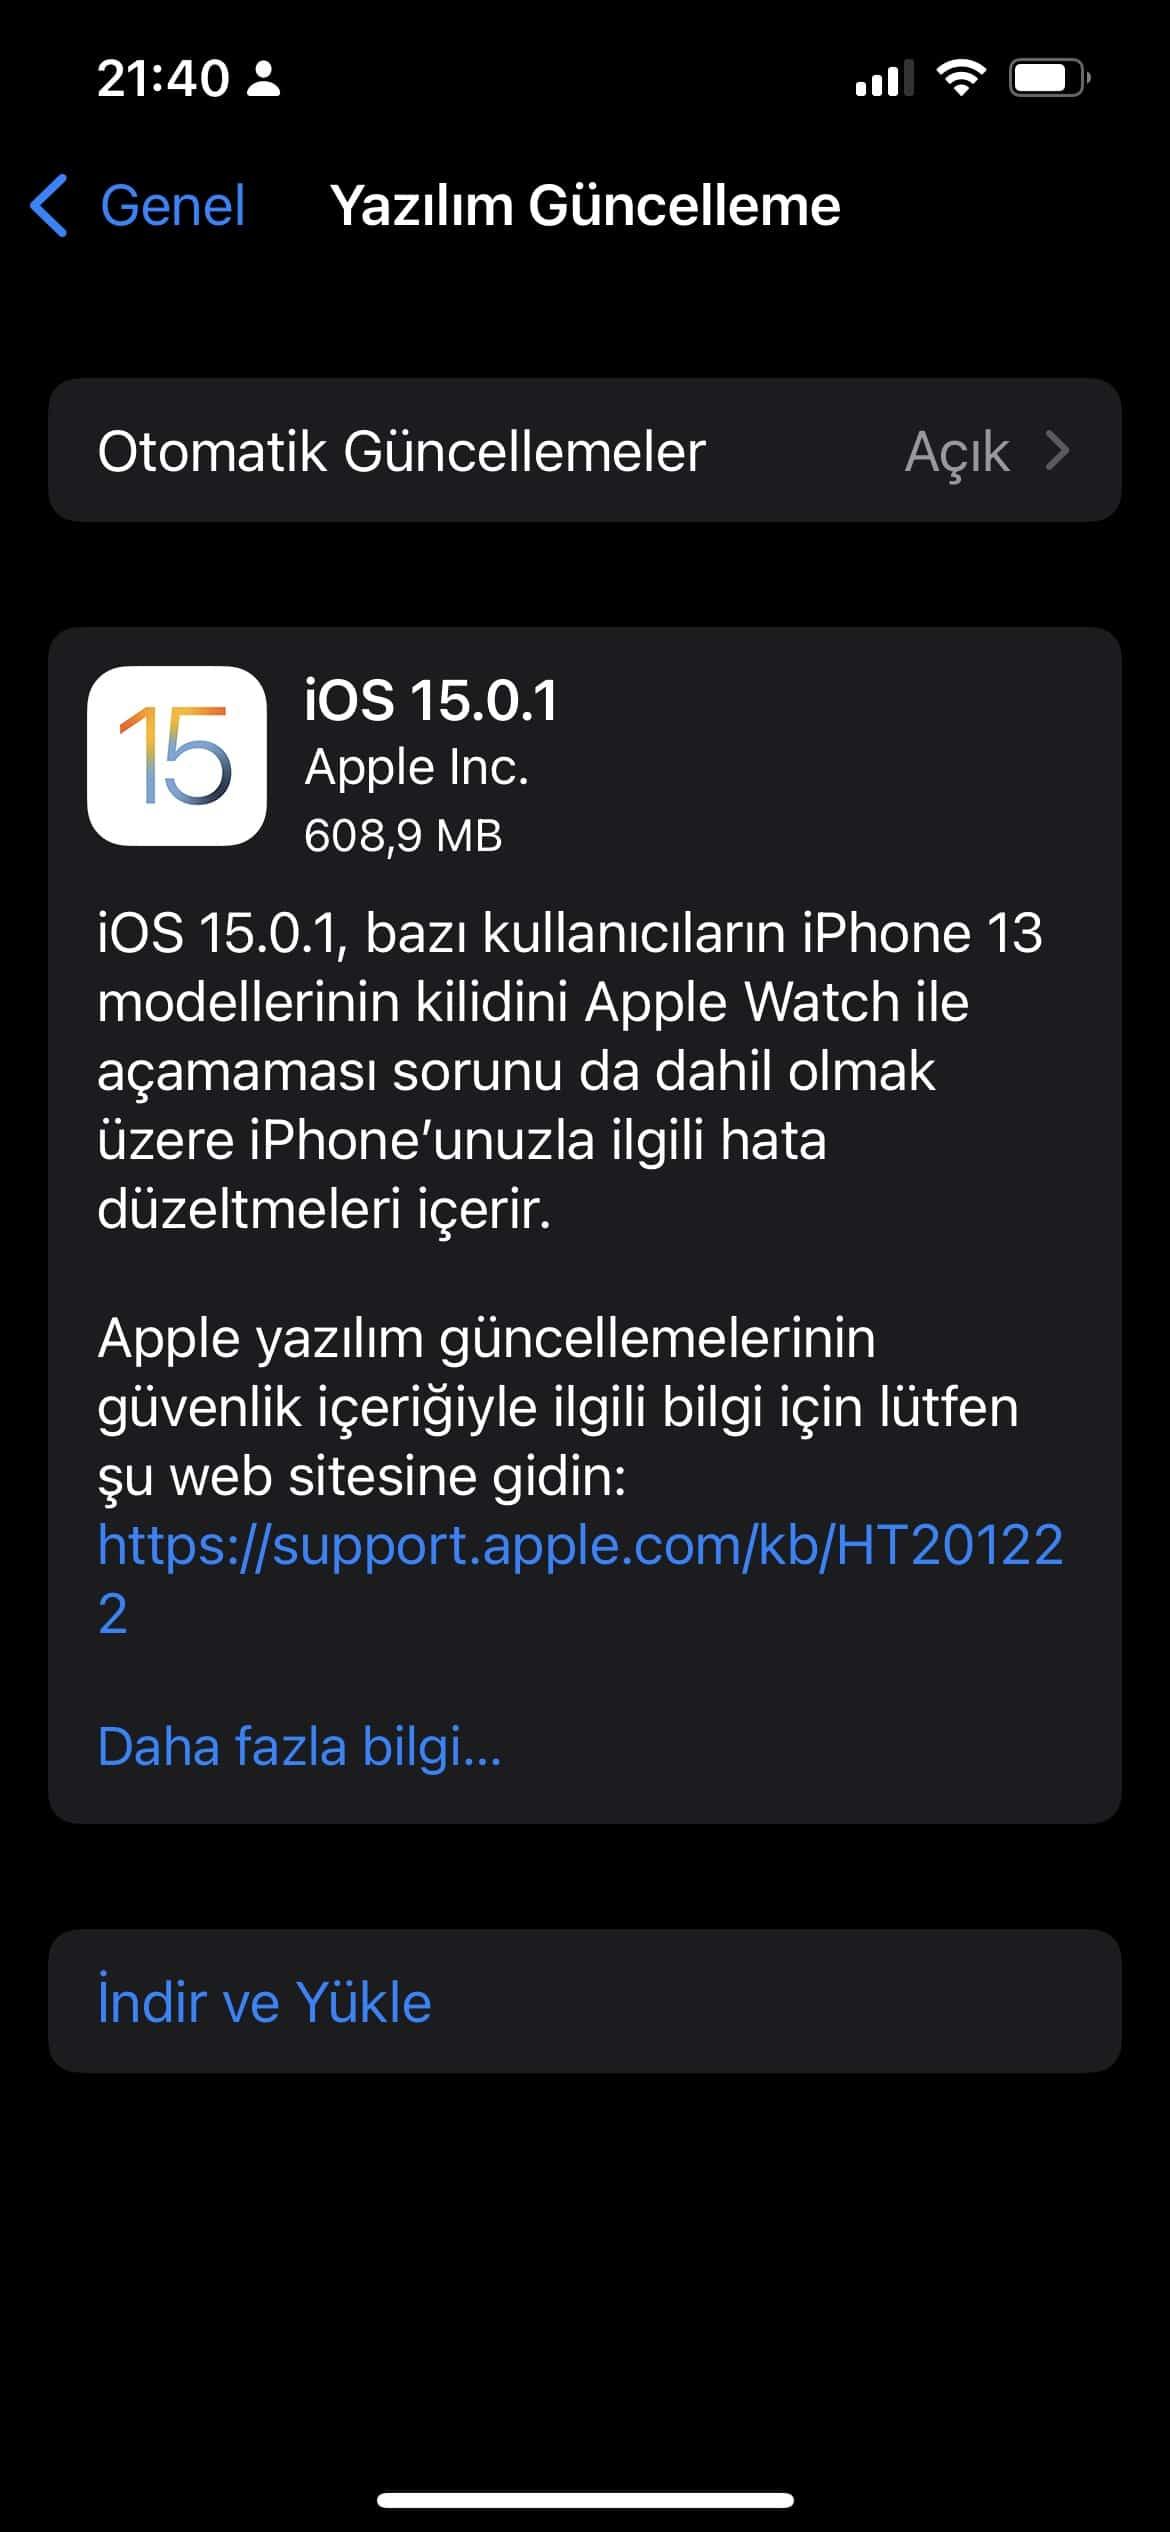 ios 15.0.1